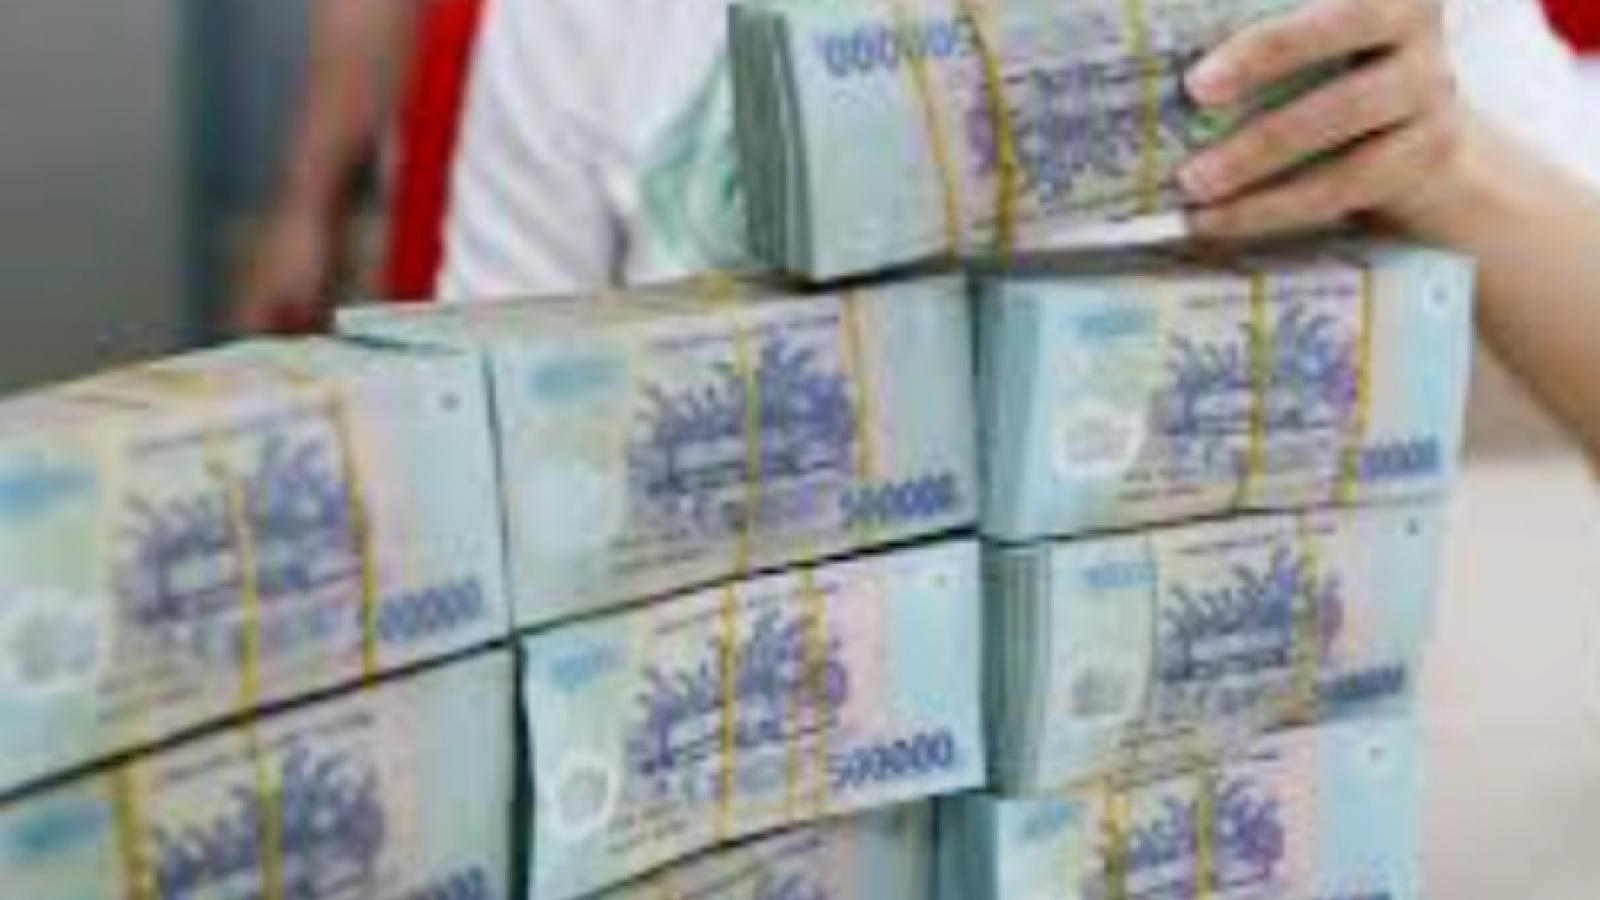 Nhân viên ngân hàng ở Đồng Nai bỏ trốn cùng 28 tỷ đồng